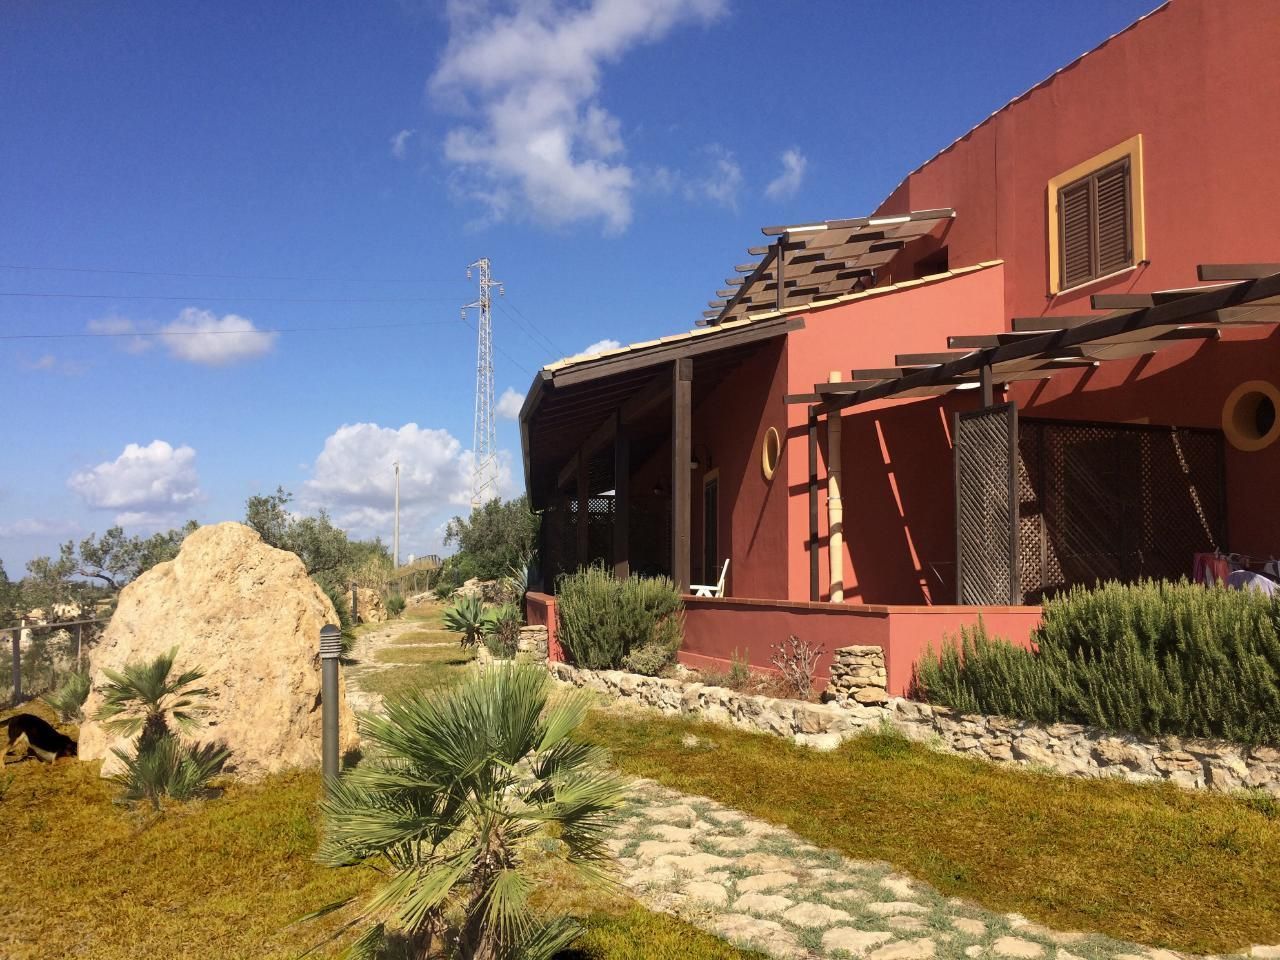 Ferienwohnung Ferienwohnungen (405131), Sciacca, Agrigento, Sizilien, Italien, Bild 4